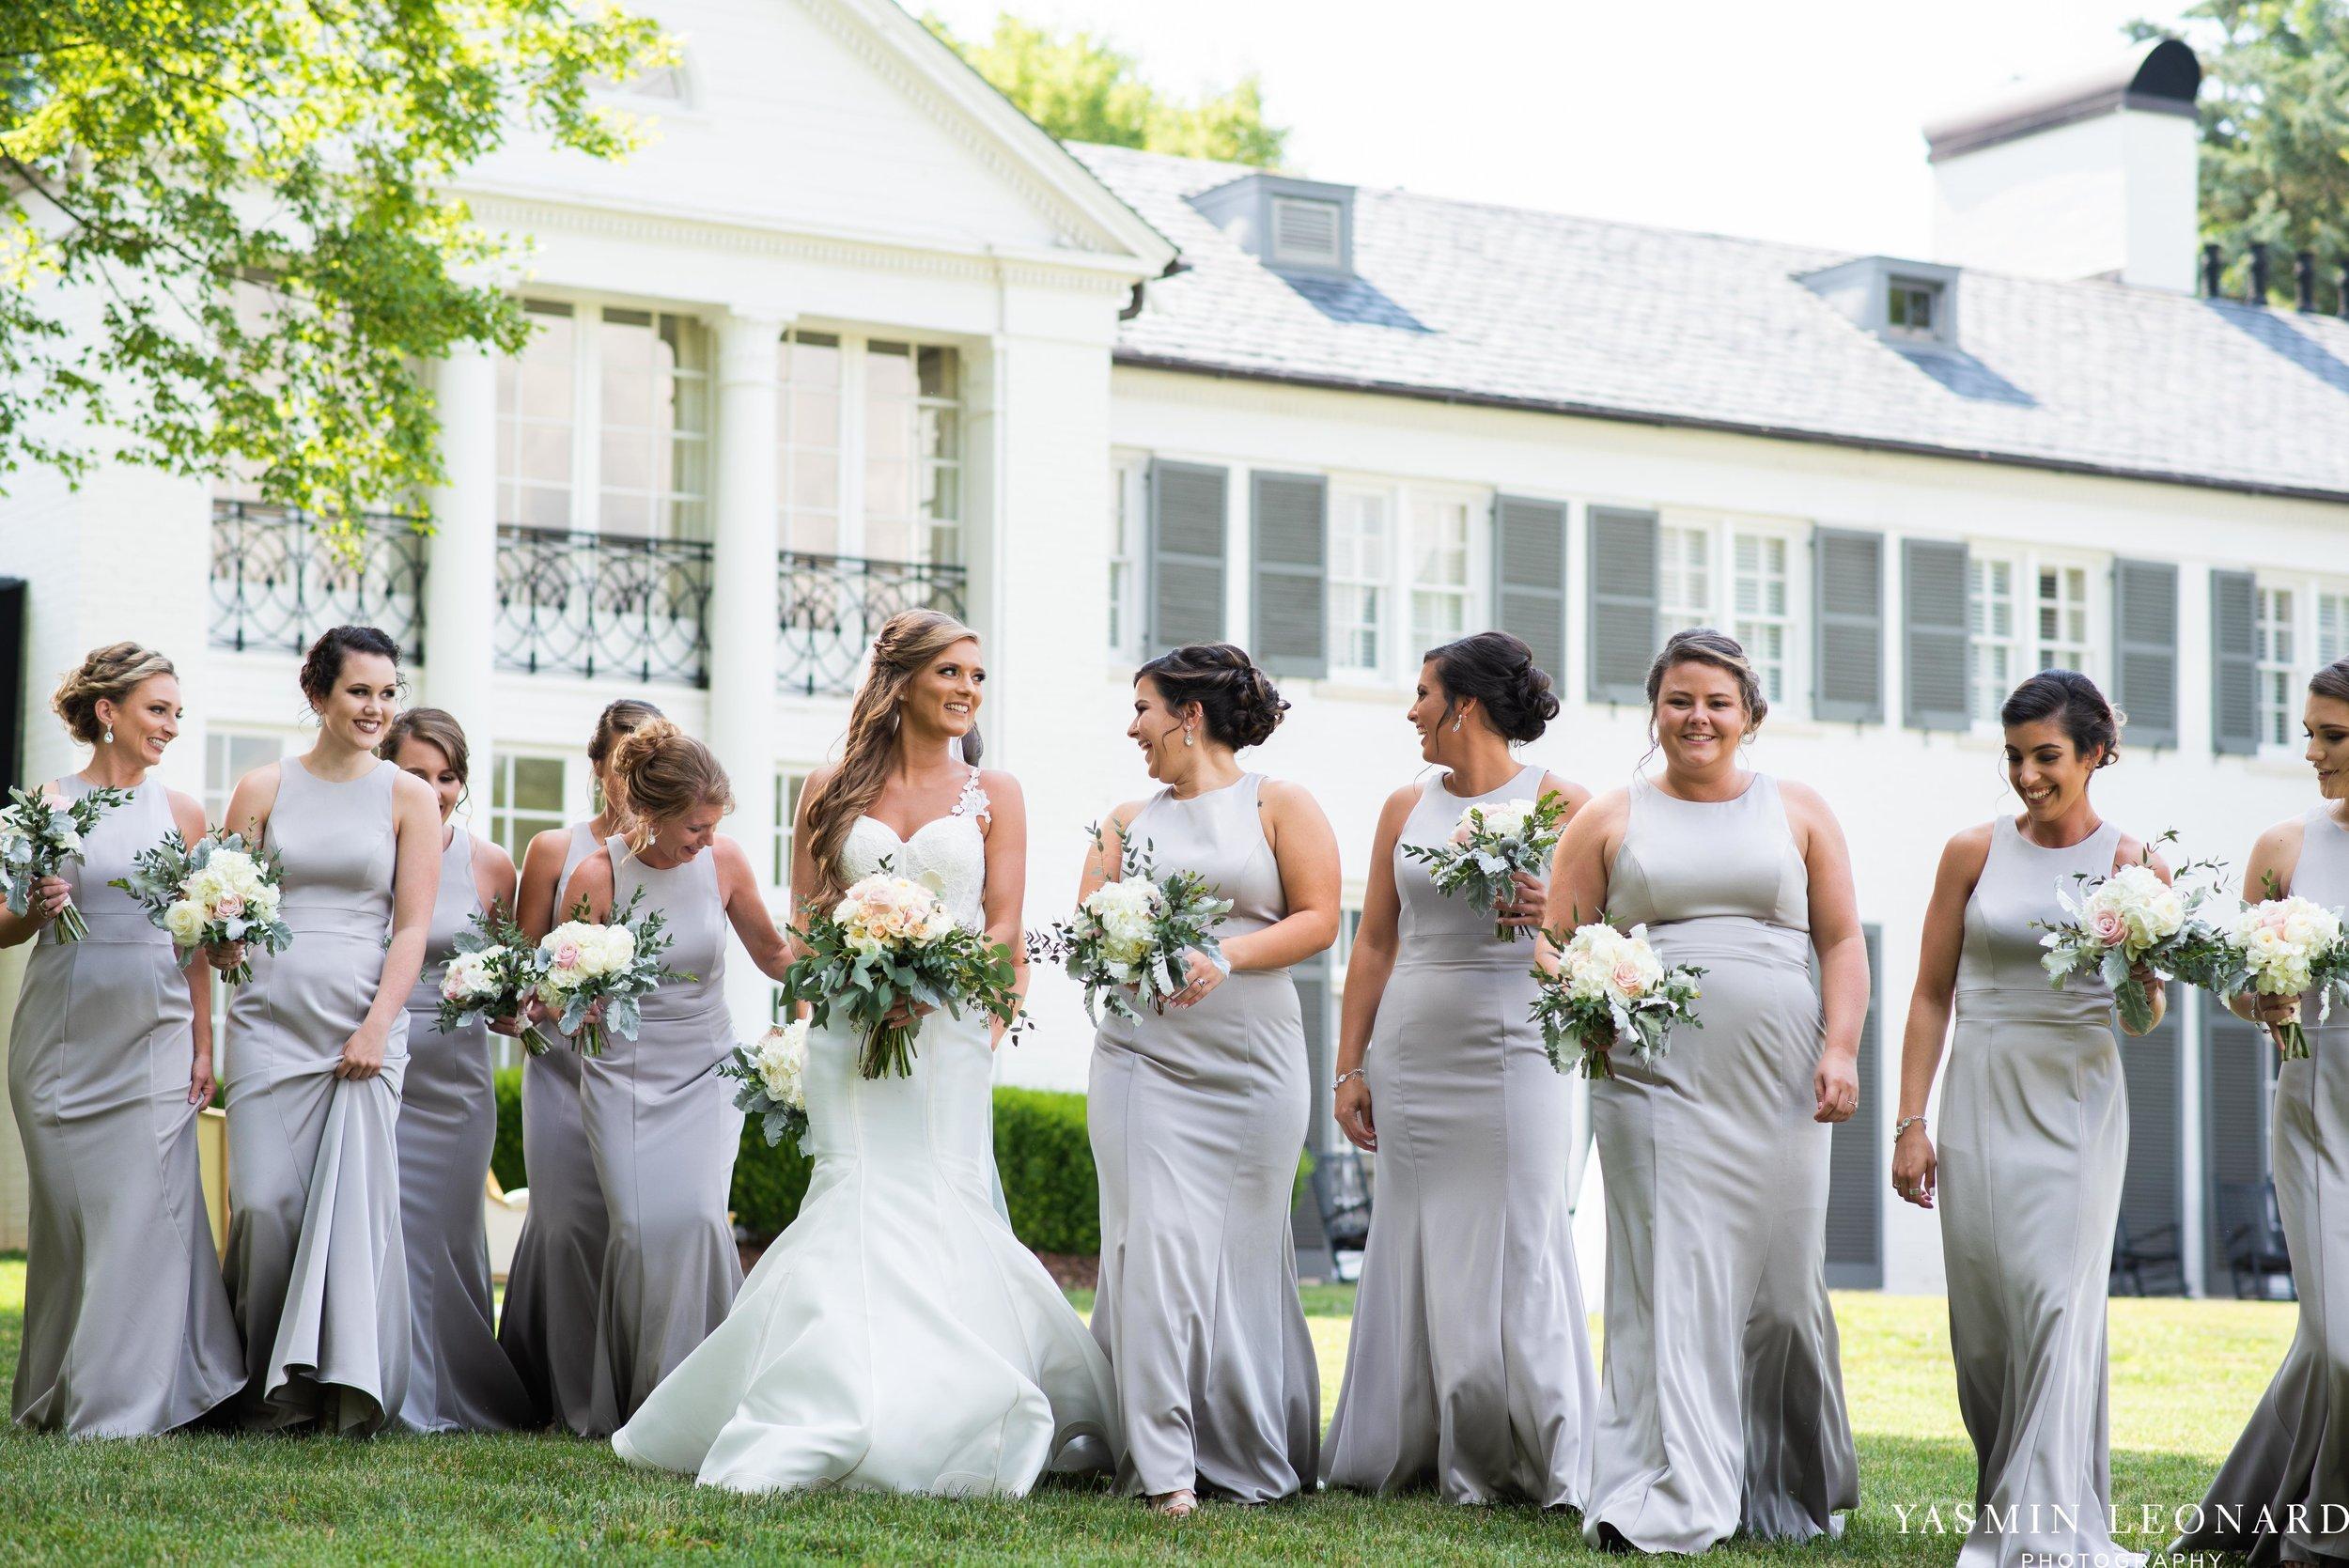 Boxwood Estate - Boxwood Estate Wedding - Luxury Wedding - Black and White Wedding - NC Wedding Venues - NC Weddings - NC Photographer - Lantern Release Grand Exit - Large Wedding Party - Yasmin Leonard Photography-20.jpg